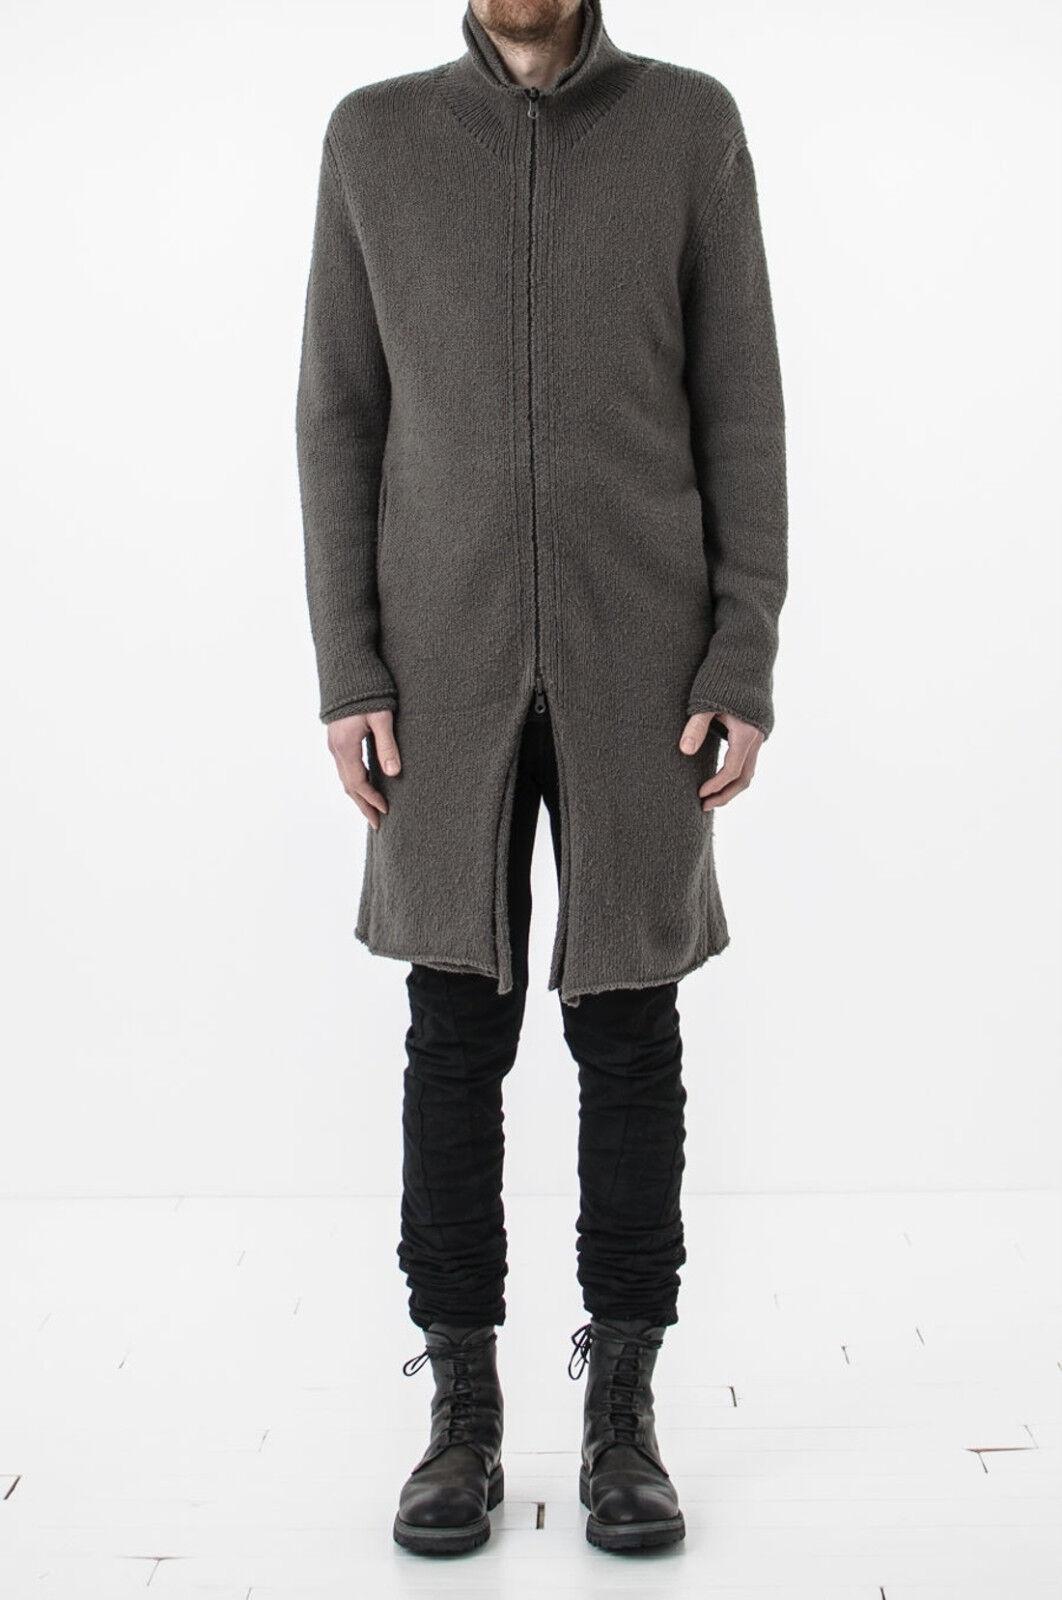 Label Under Construction - Double Layer Reversible Knit Coat - sz. M S L